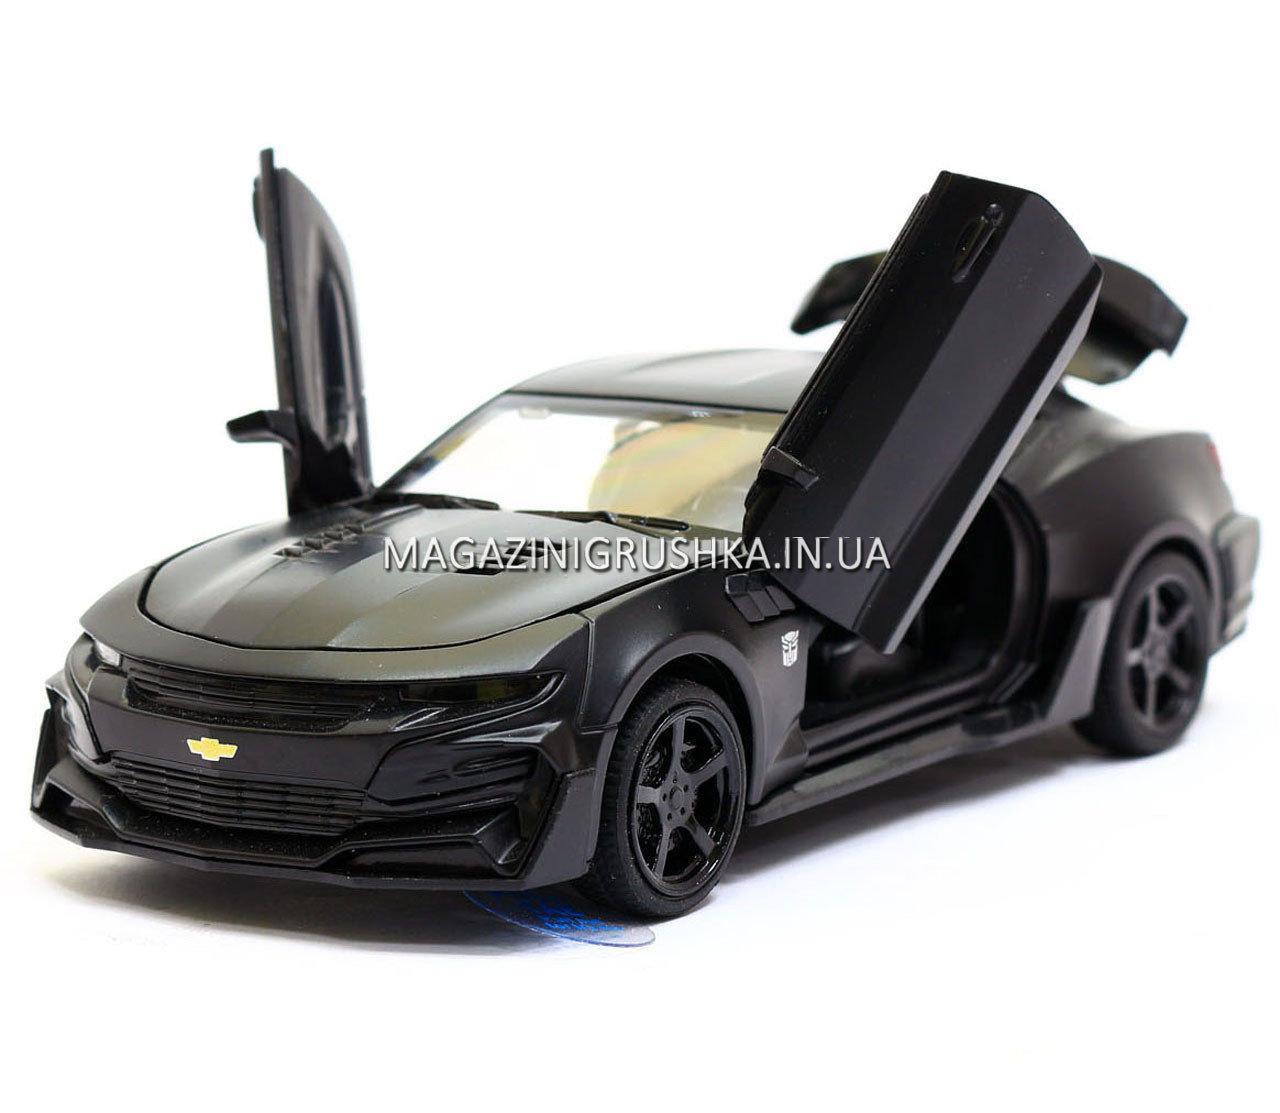 Машинка модель Автопром Chevrolet Сamaro (Шевроле Камаро) Черный арт.7645